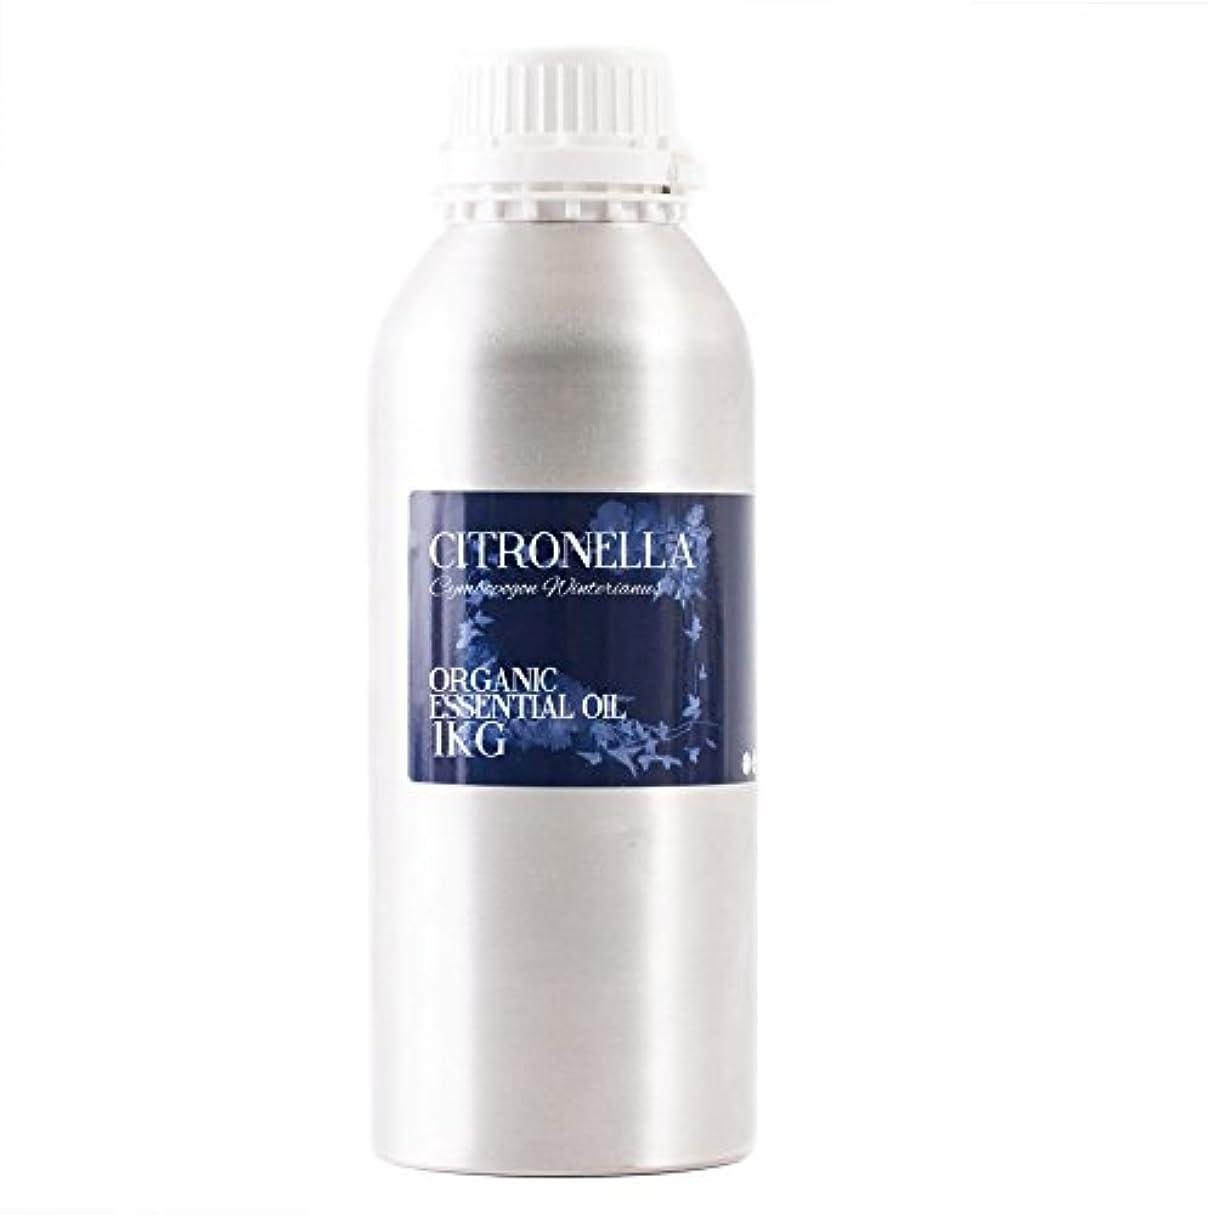 センチメートル習字聖域Mystic Moments | Citronella Organic Essential Oil - 1Kg - 100% Pure